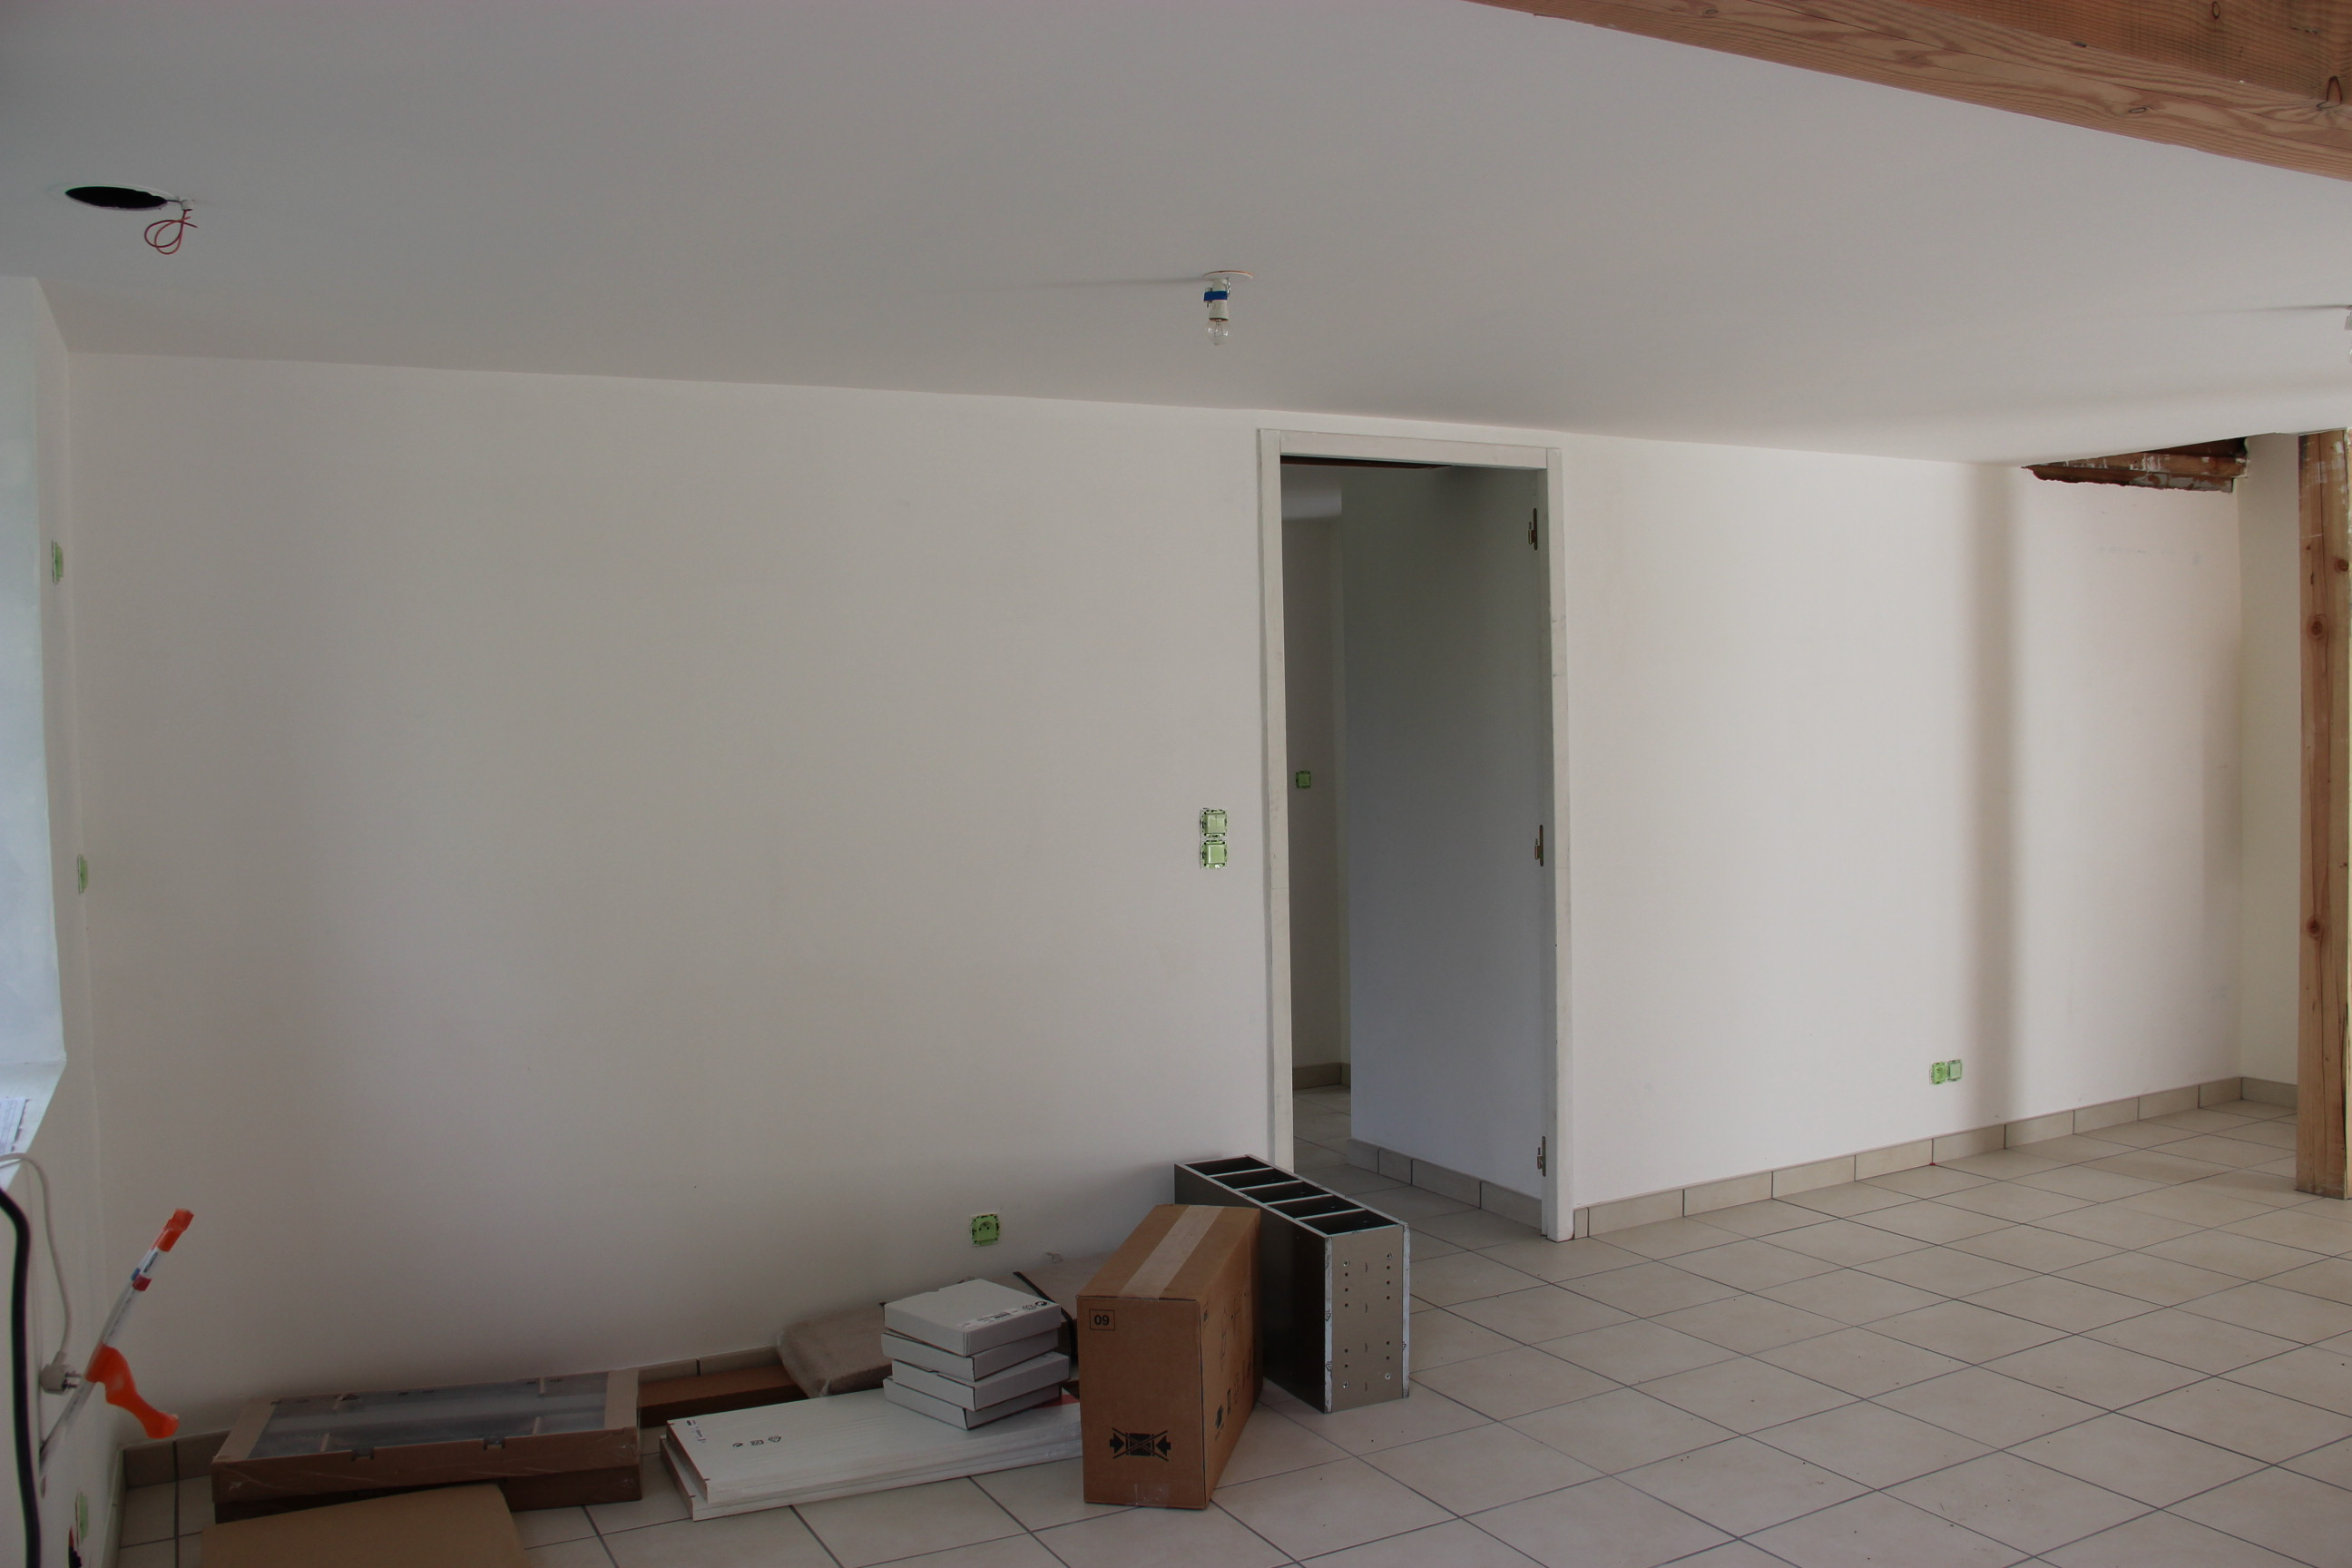 Murs ivoire et cuisine voir - Protege mur cuisine ...